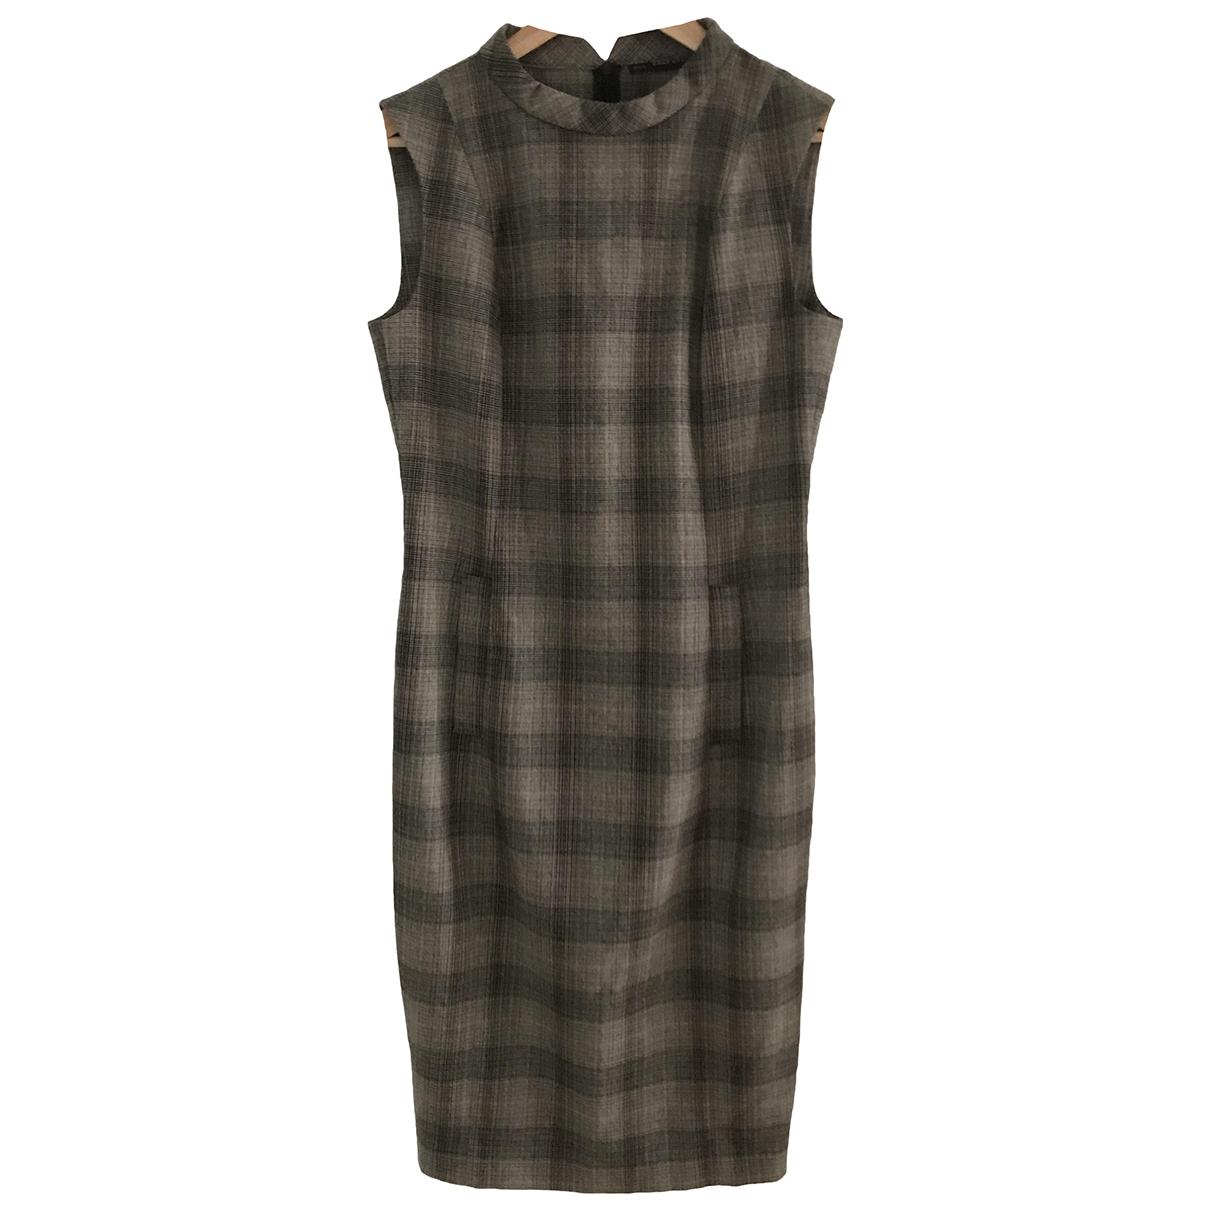 Zara \N Kleid in  Bunt Wolle